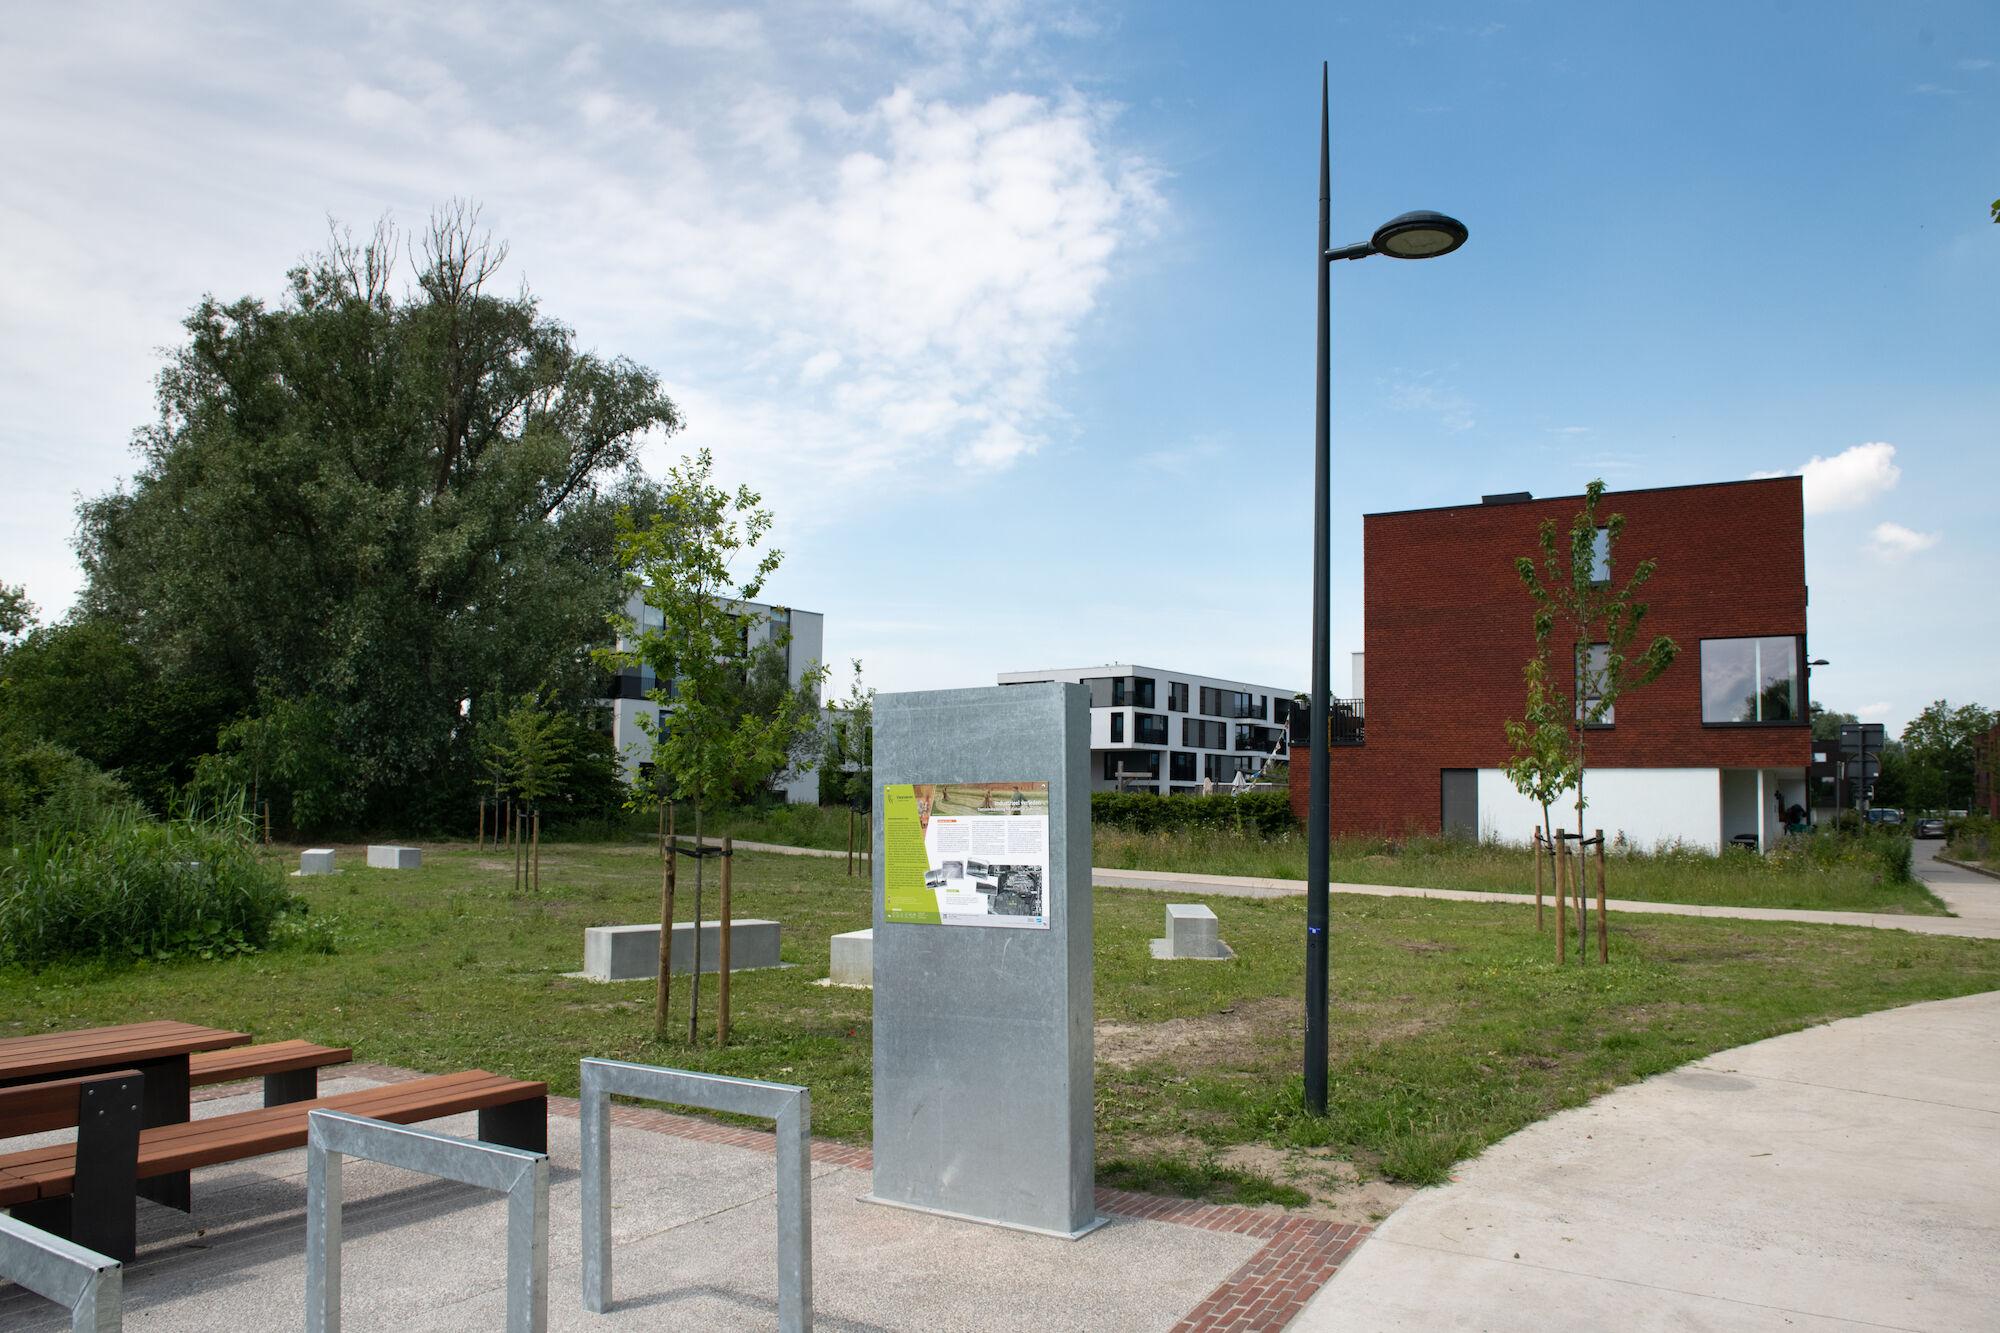 Alsberghe-Van Oost woonproject